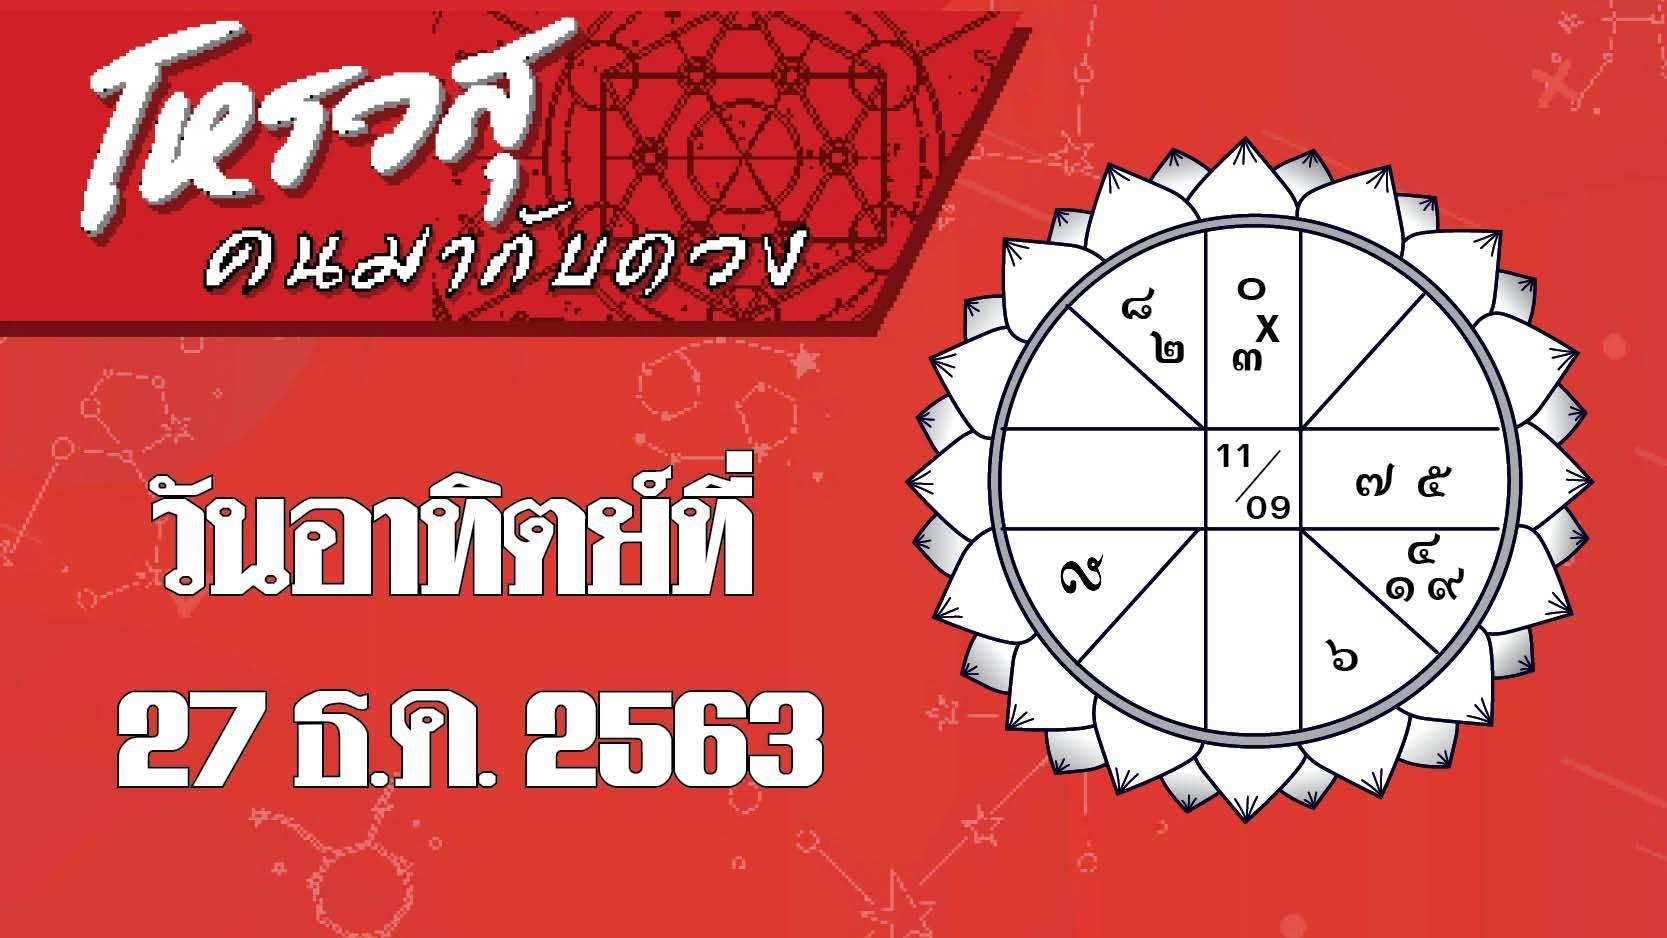 ดวงวันอาทิตย์ที่ 27 ธันวาคม 2563 ราศีใดจะได้ผู้ใหญ่อุปถัมภ์ ราศีใดจะได้โชคลาภจากการทำบุญ